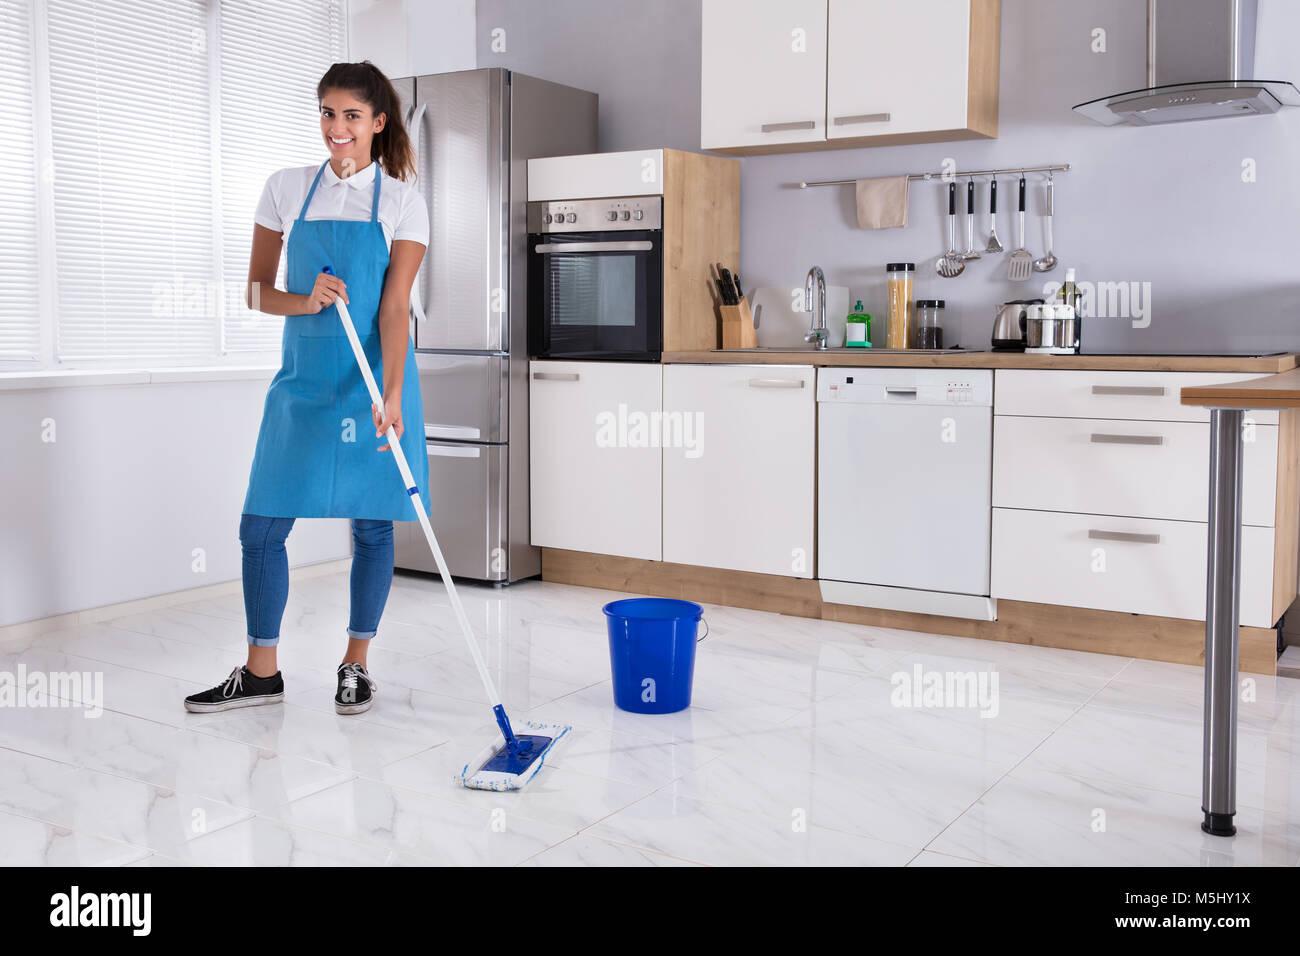 Mujer Alegre Y Limpiar El Piso Con El Mop En Cocina En Casa Fotografía De Stock Alamy